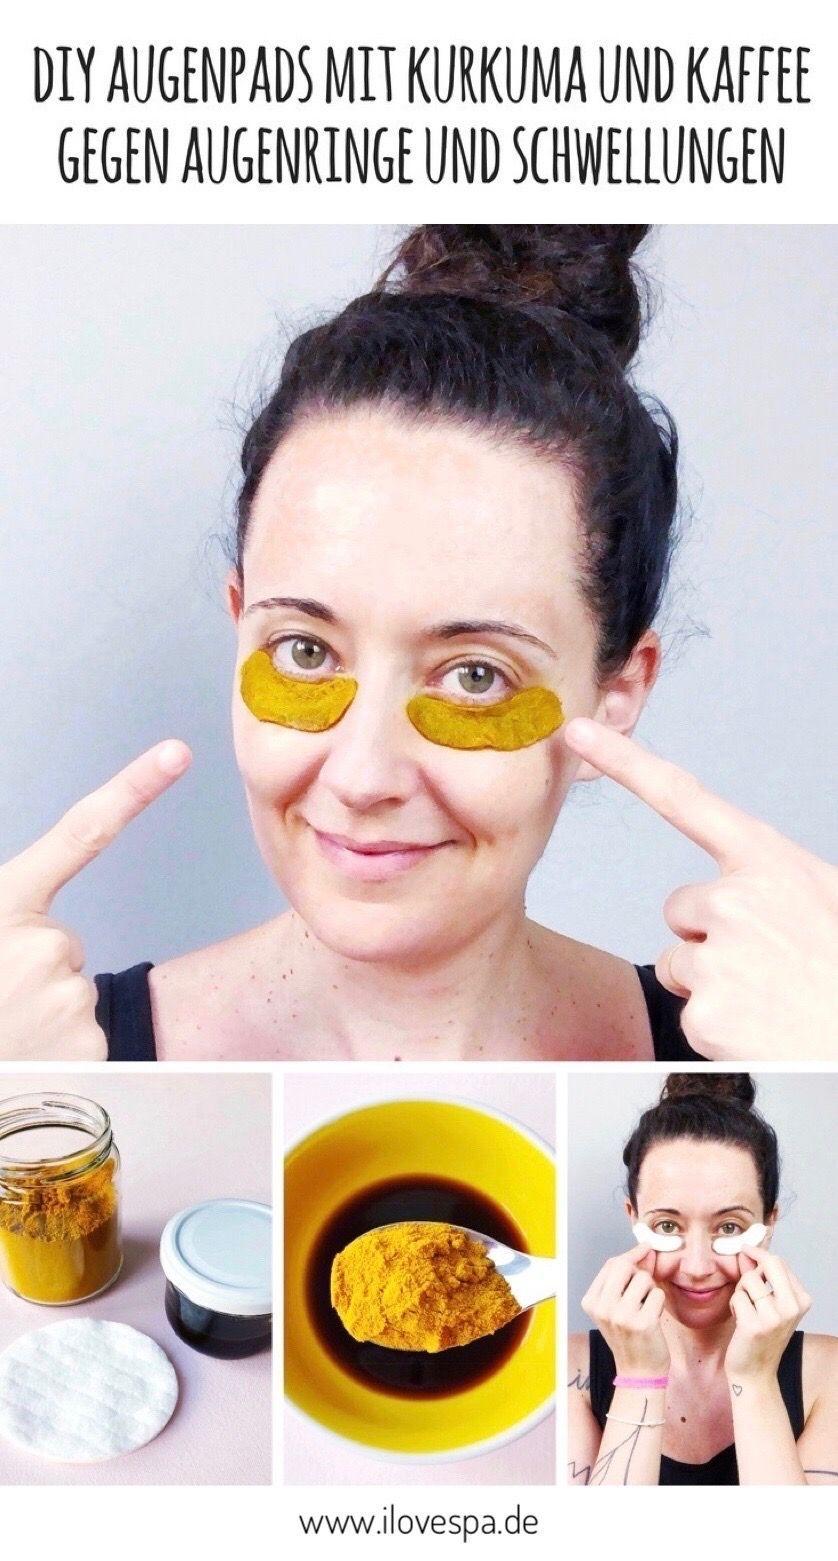 Kurkuma Kaffee Pads gegen Augenringe - DIY Kurkuma Augenringe Pads